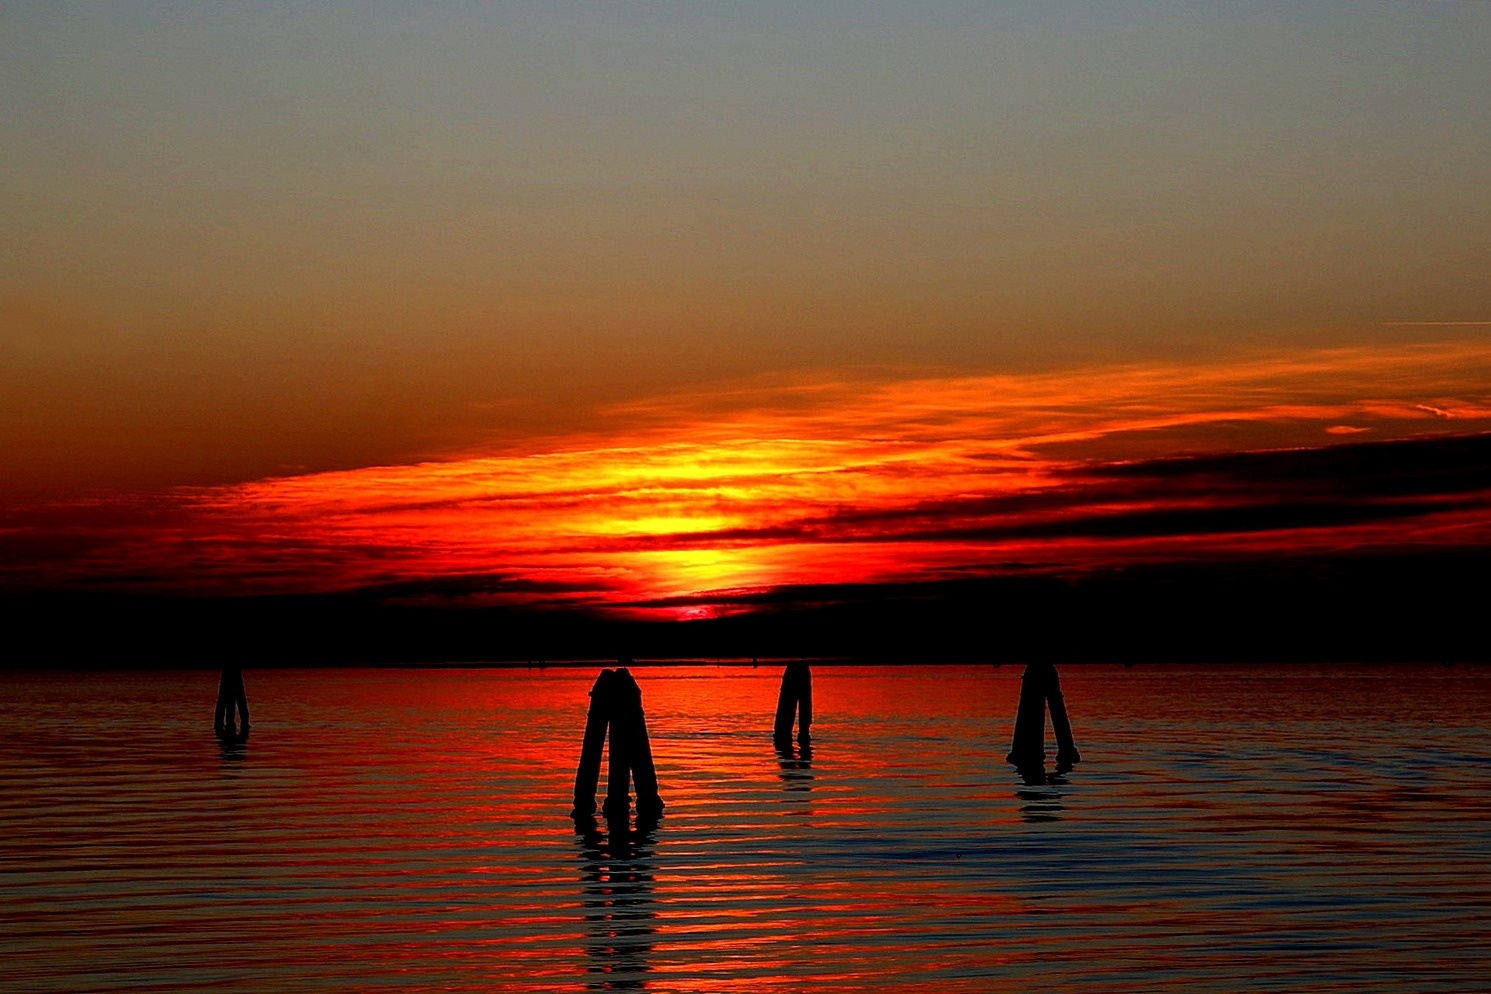 Sunset near Venice by Tamara Barzagli